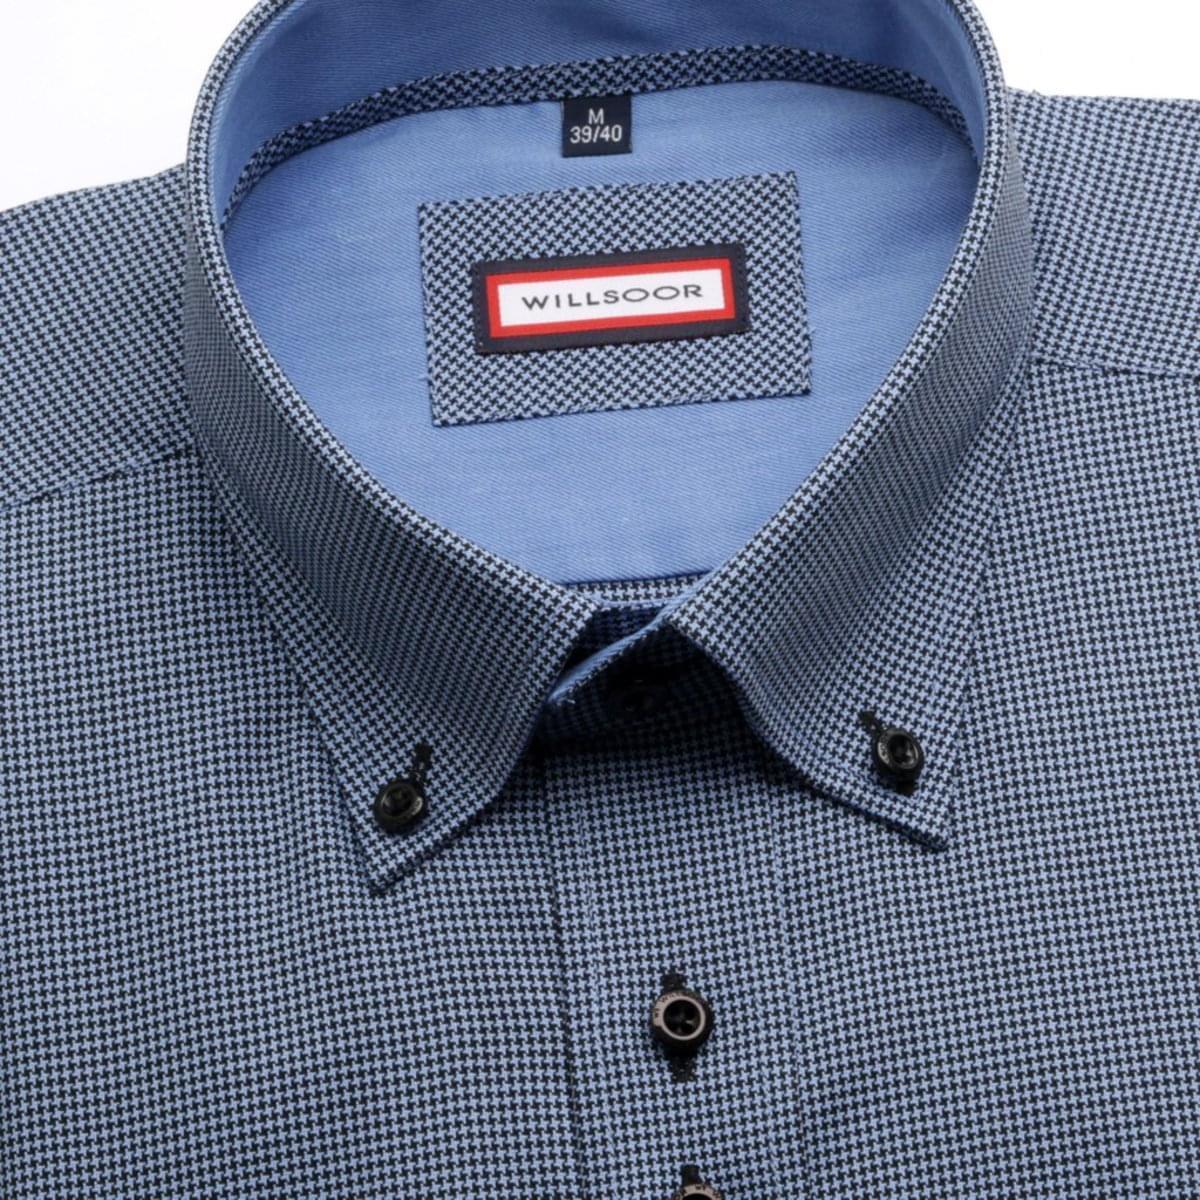 Košile WR Slim Fit (výška 176-182) 4329 176-182 / L (41/42)